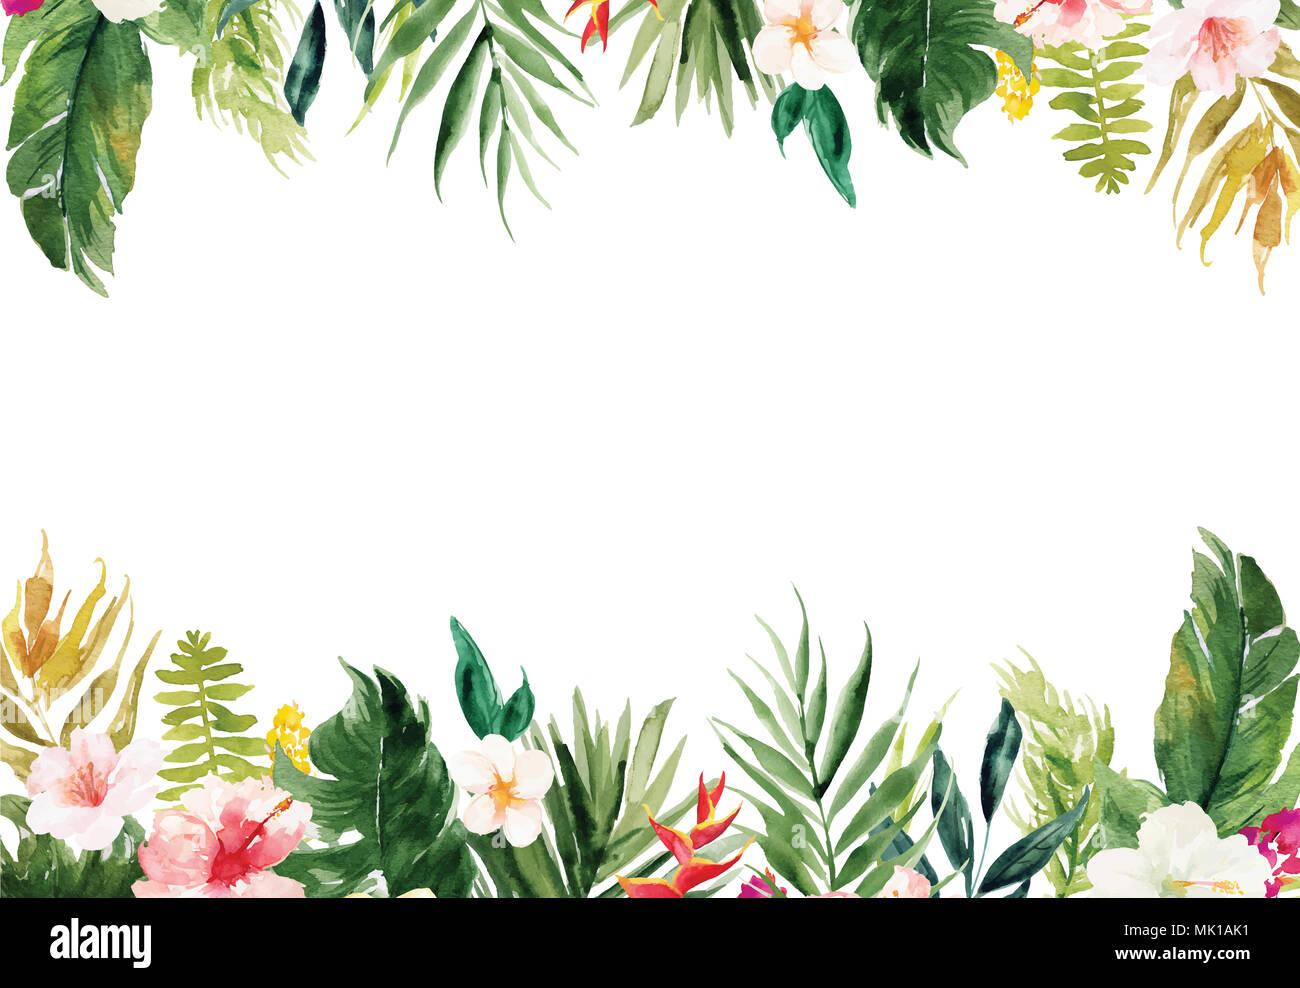 Flower Paper Border Stock Photos Flower Paper Border Stock Images